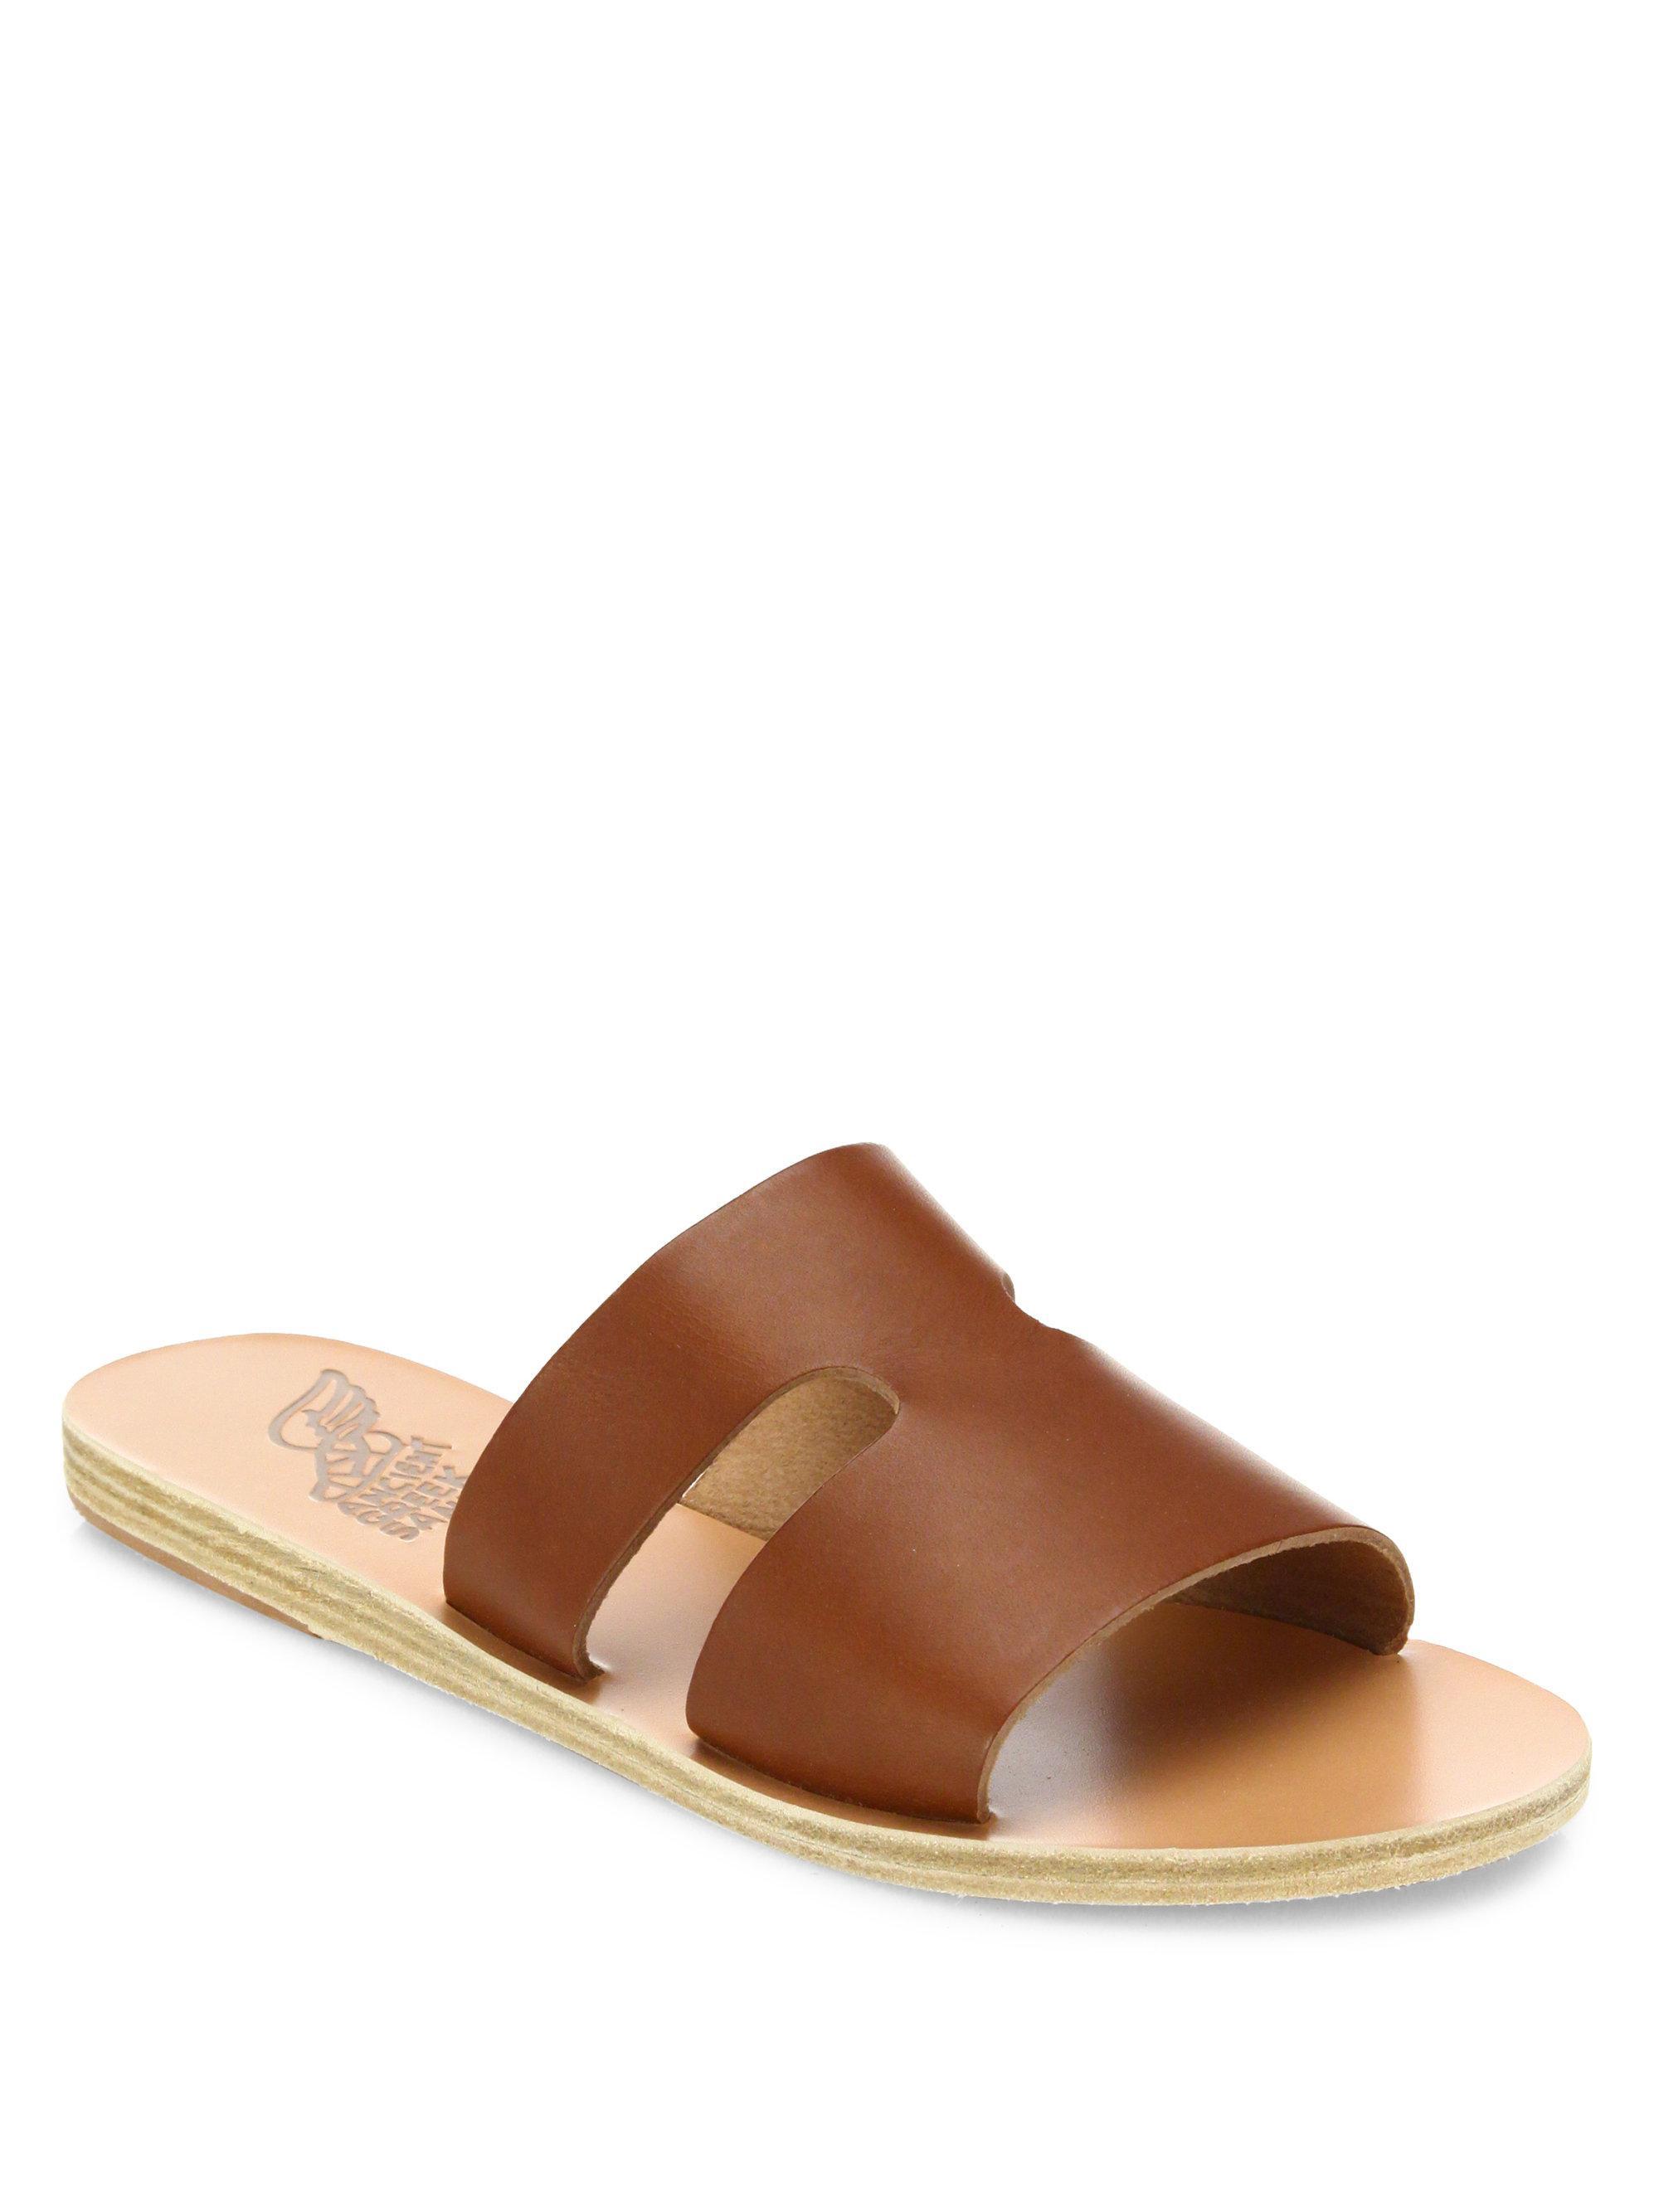 Ancient Greek Sandals Women's Apteros Genuine Calf Hair Slide Sandal UbJie2zkEy